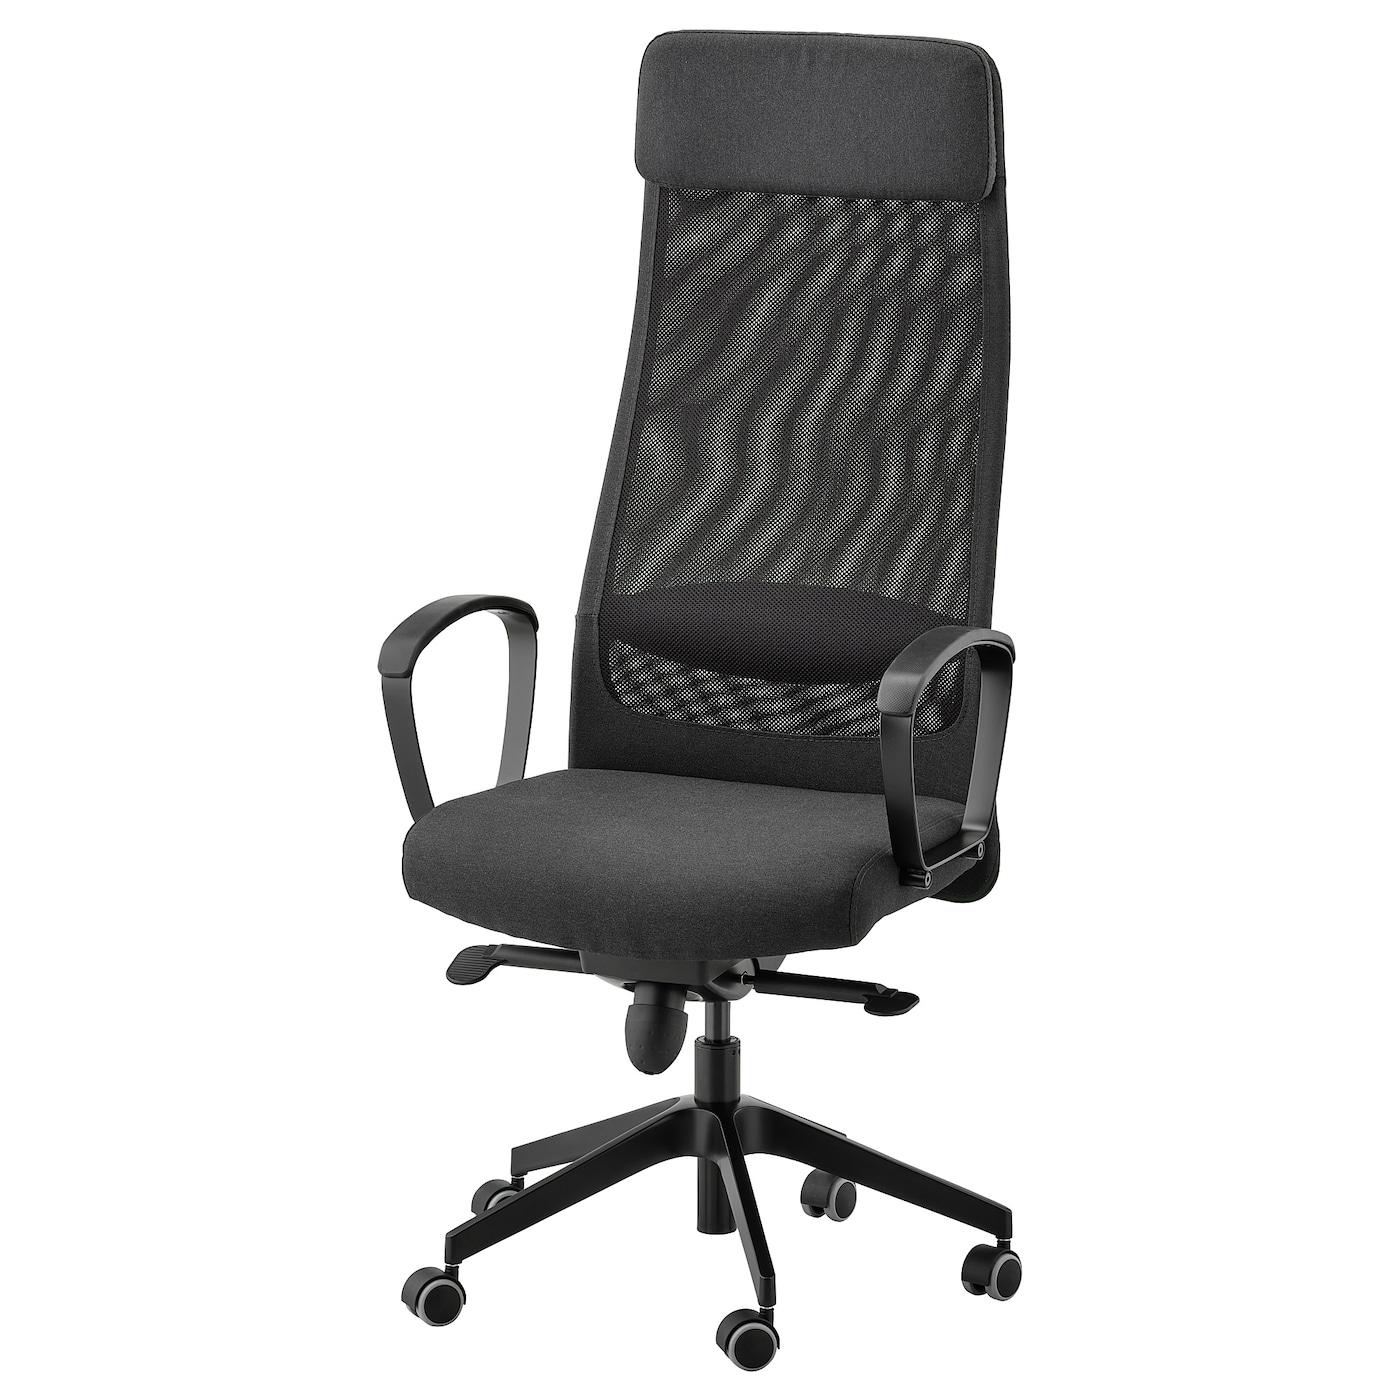 IKEA MARKUS ciemnoszare krzesło obrotowe